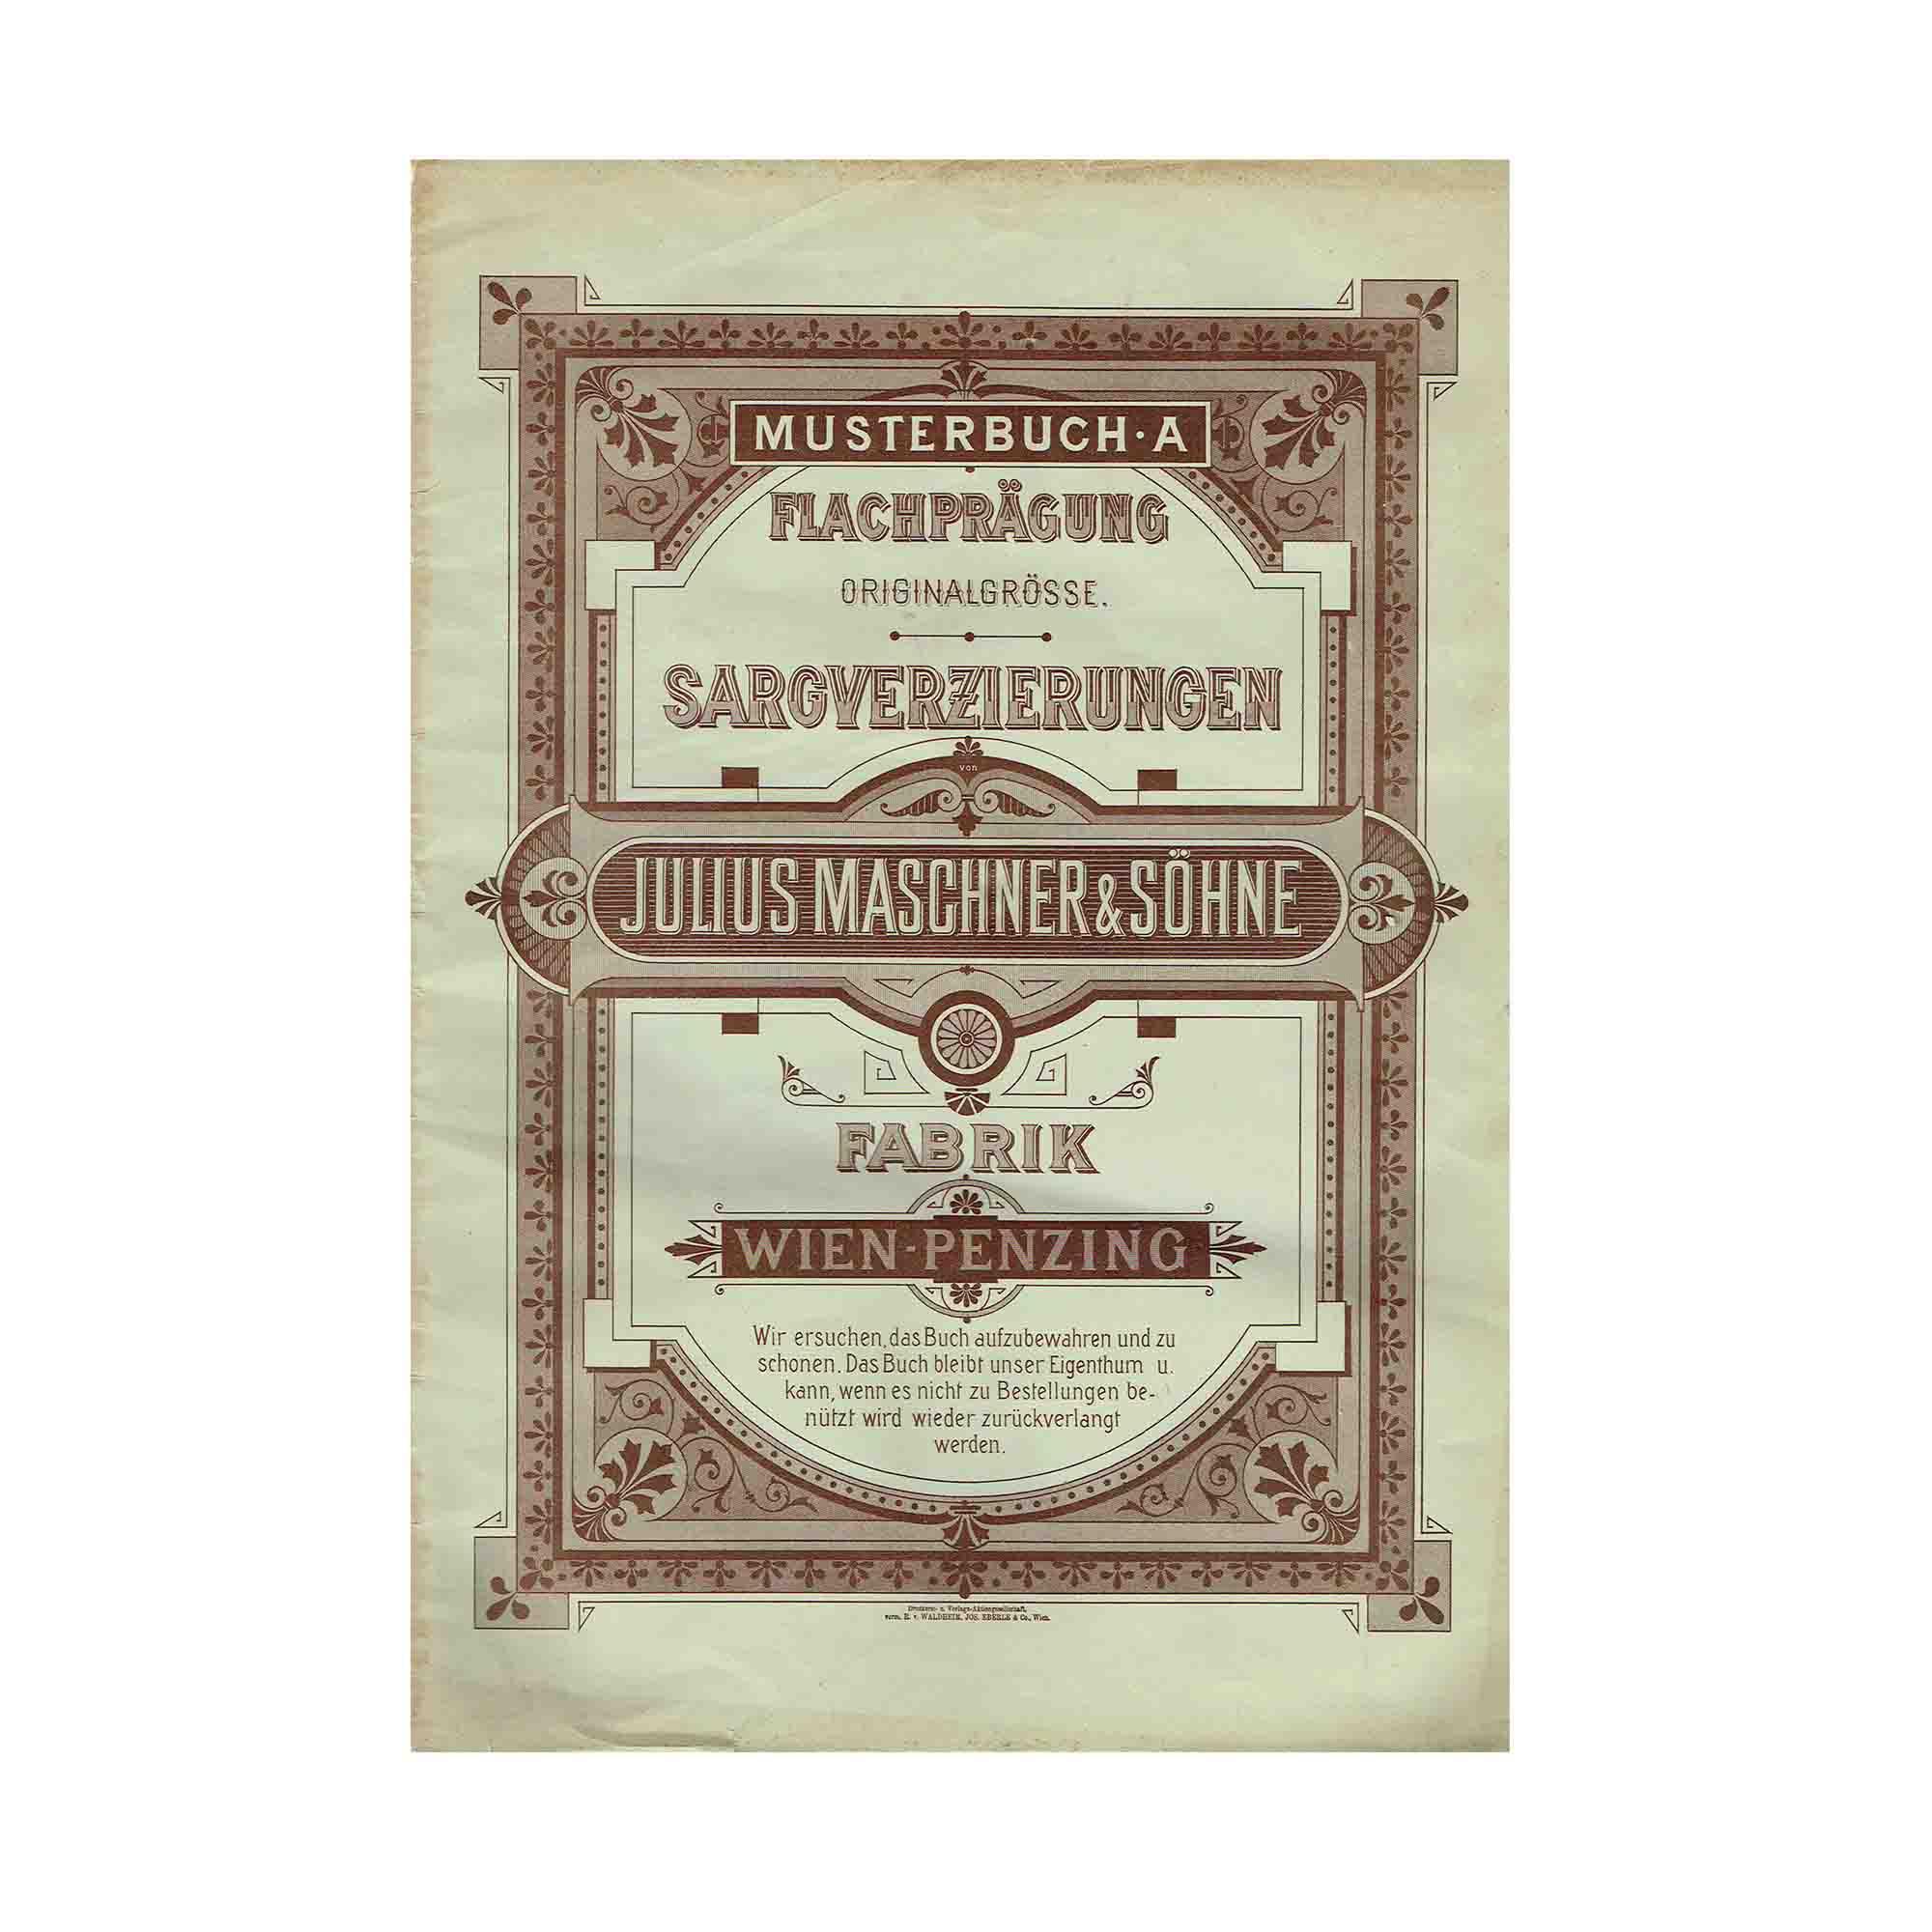 5446-Maschner-Sargverzierungen-1910-Musterbuch-A-Umschlag-frei-N.jpg